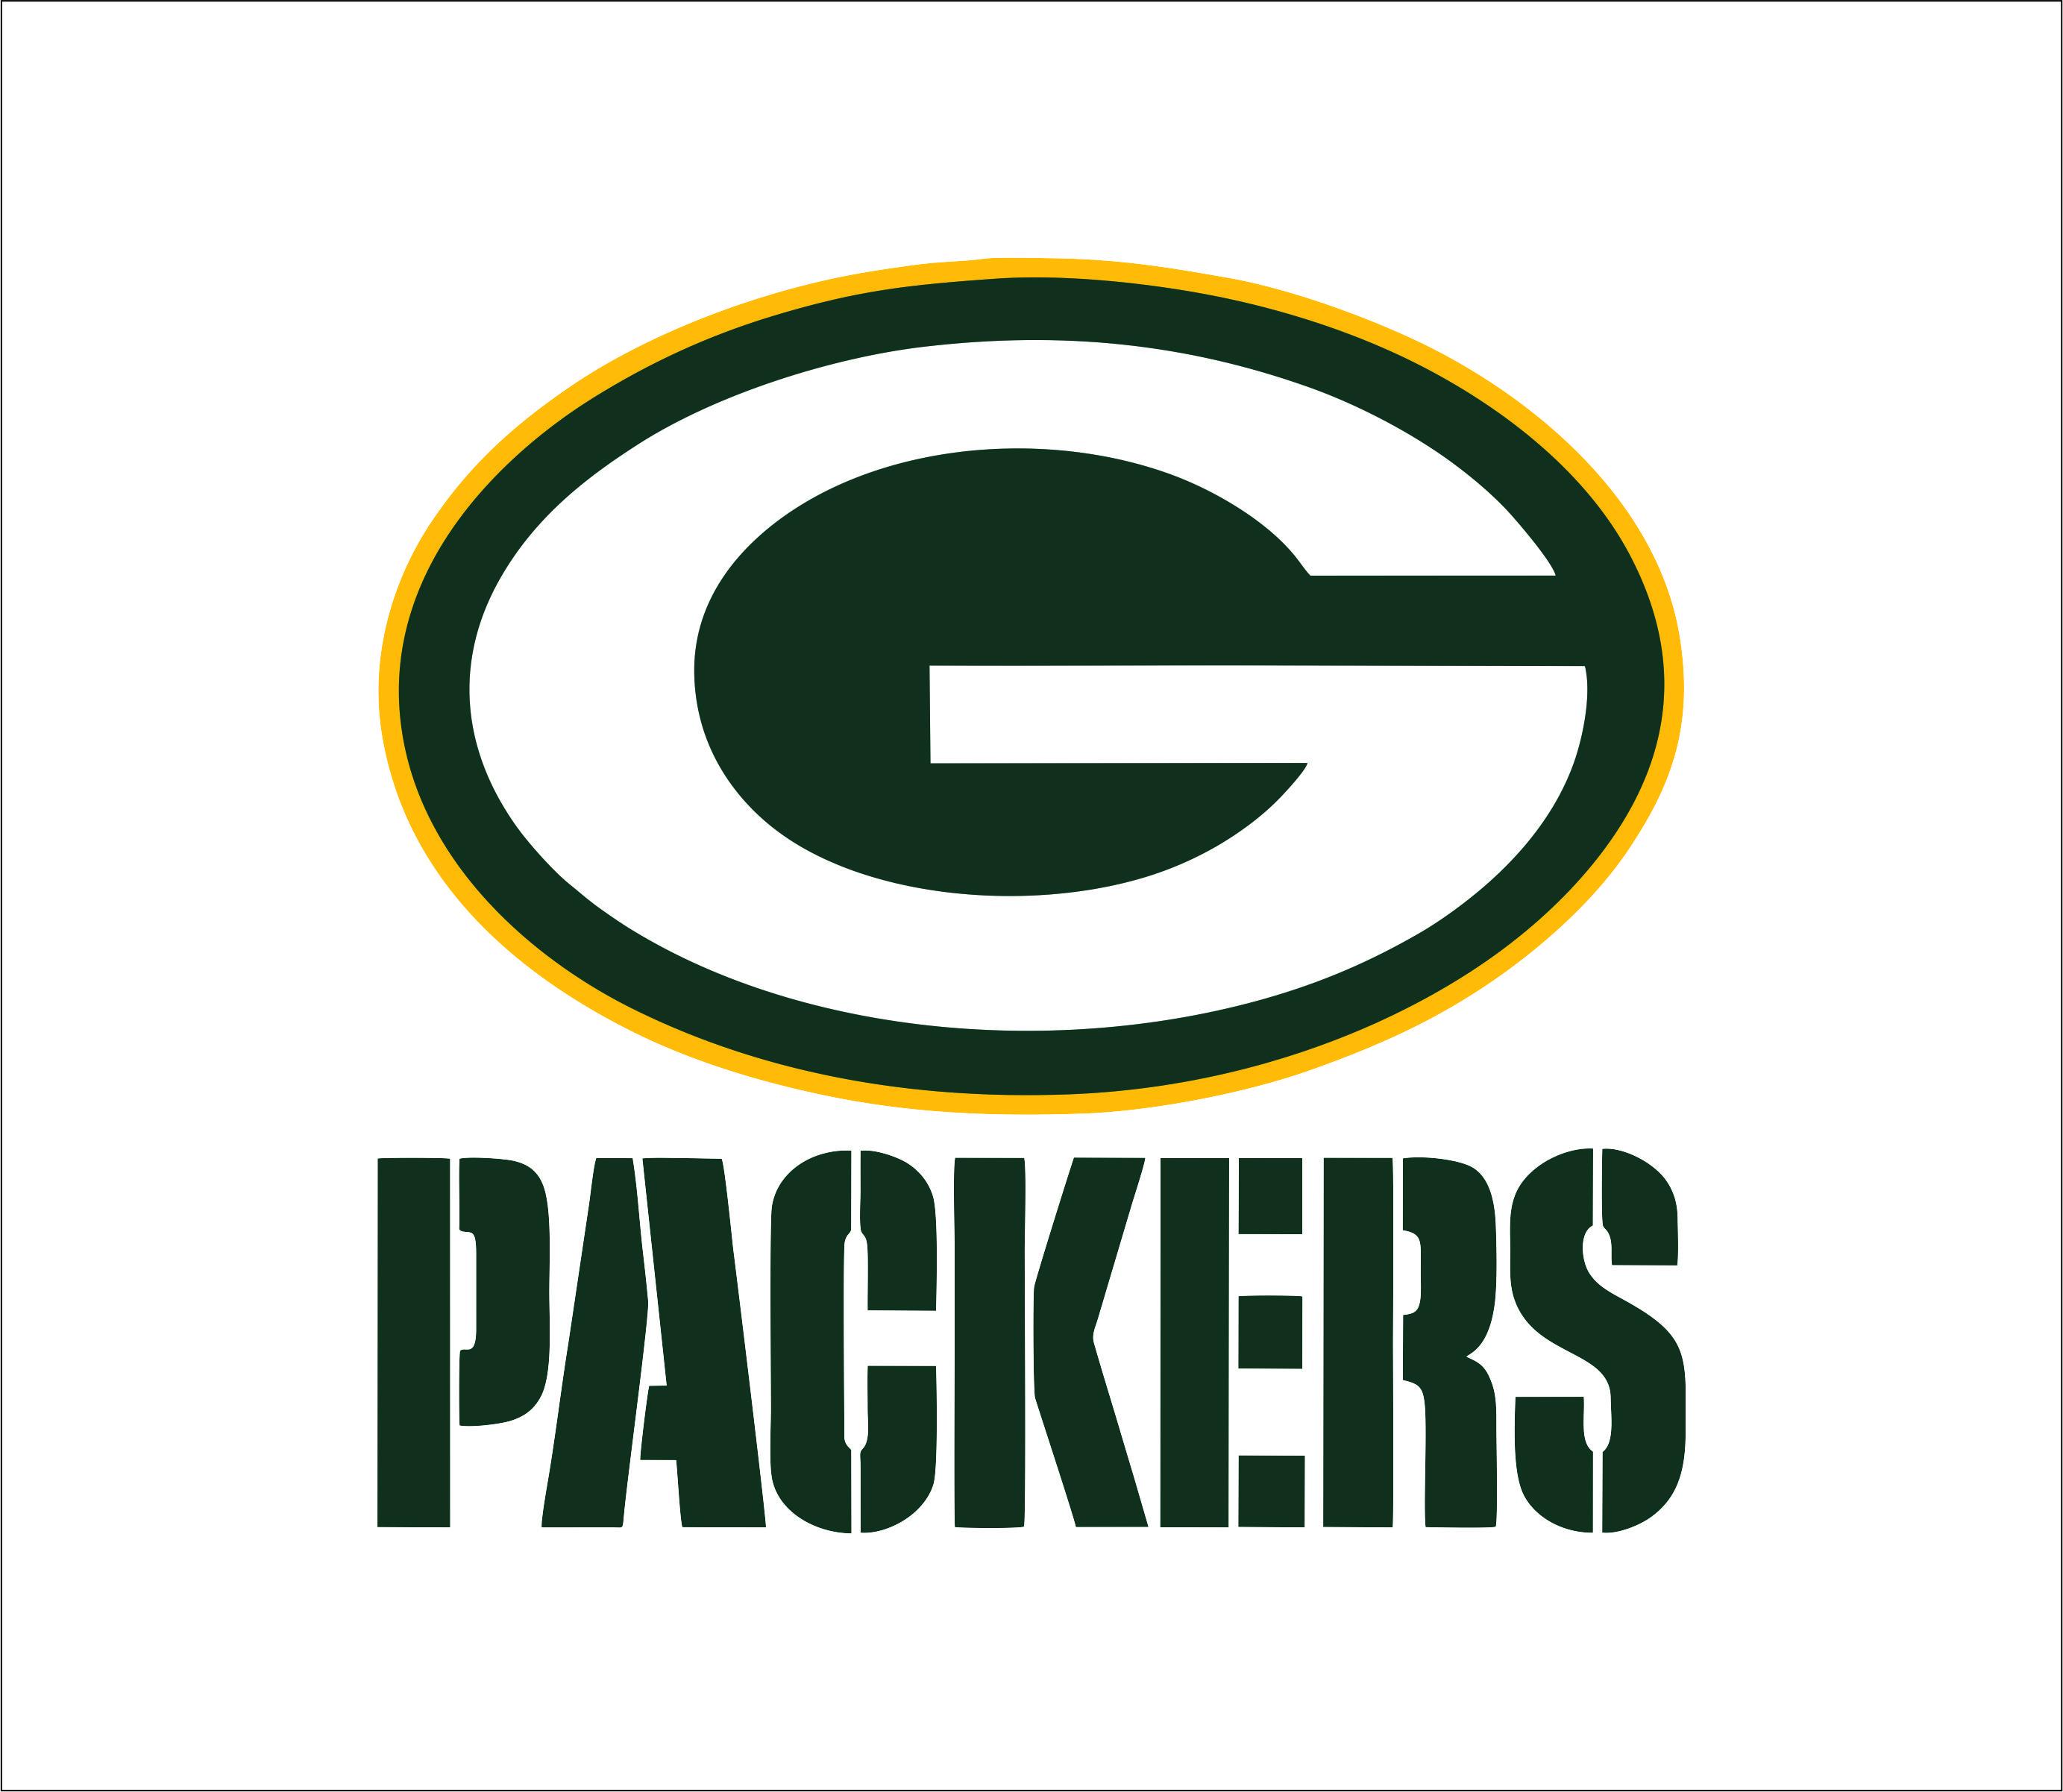 Green Bay Packers Logo Svgprinted